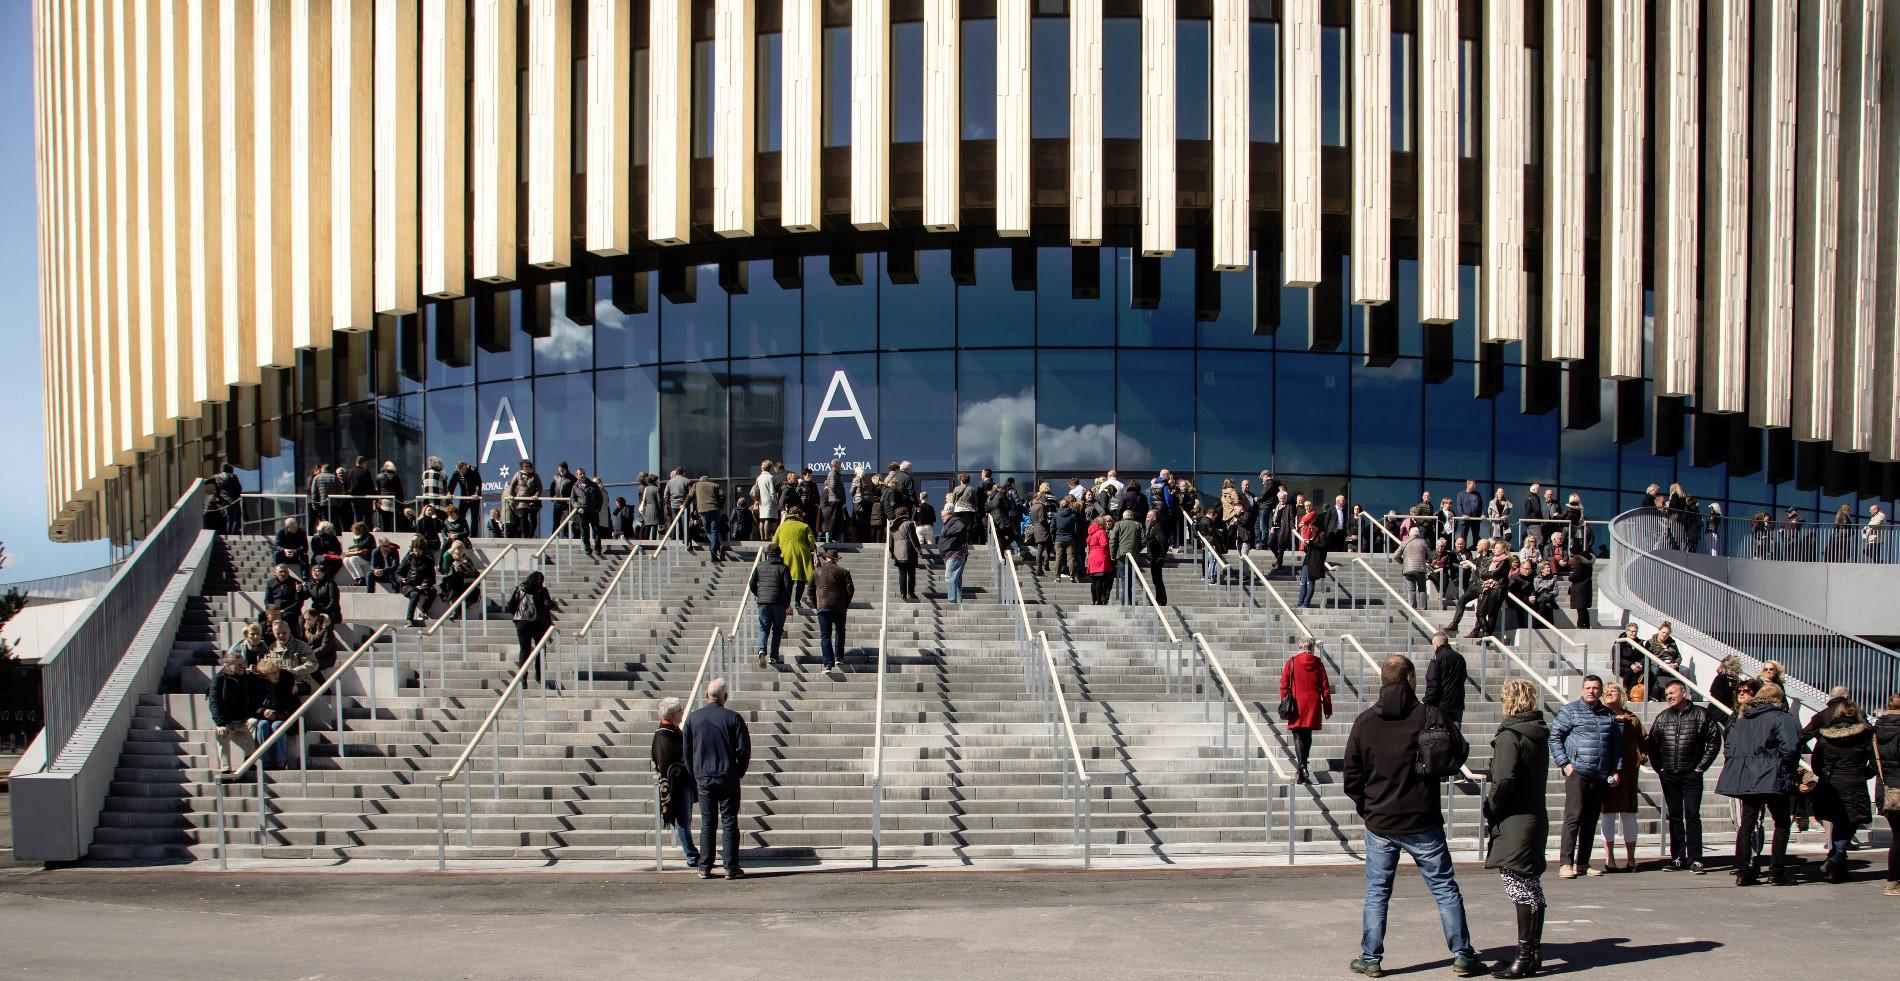 La Royal Arena è progettata per aprirsi alla città e interagire con le piazze e i percorsi del quartiere circostante offrendo forme e strutture in grado di catalizzare attività e incontri sociali © Rasmus Daniel Taun